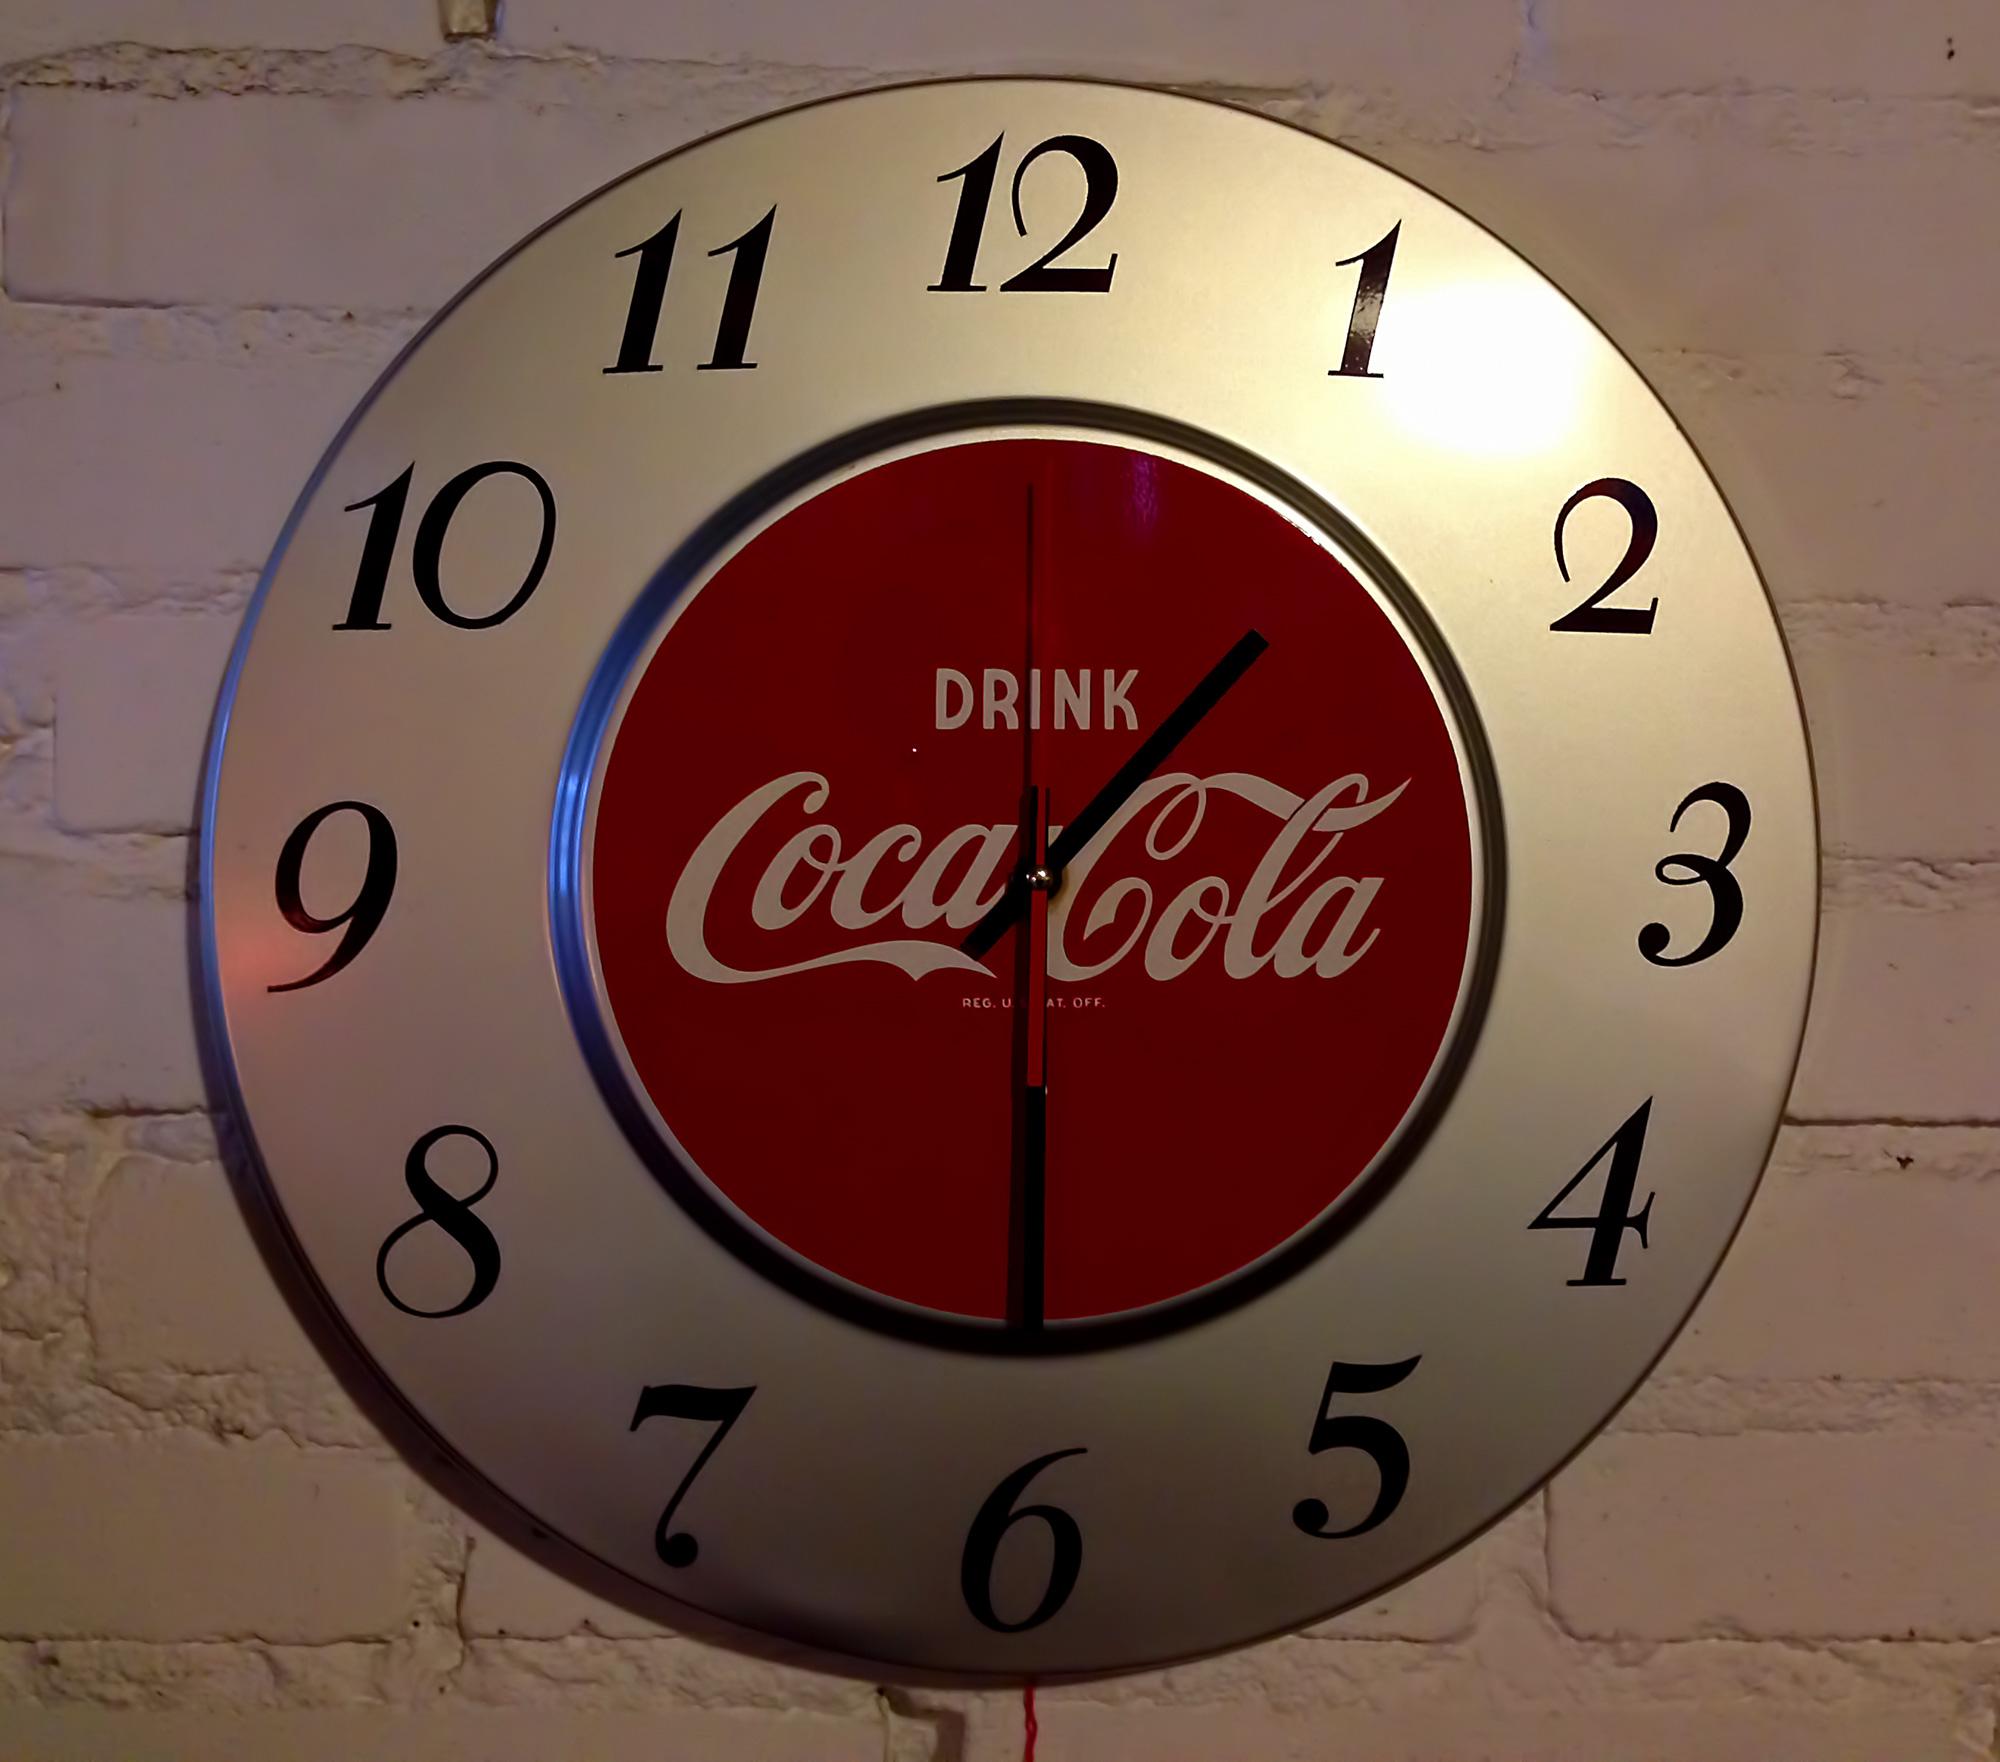 Route 66 store coca cola wall clock original ca 1950 original vintage coke wall clock amipublicfo Gallery